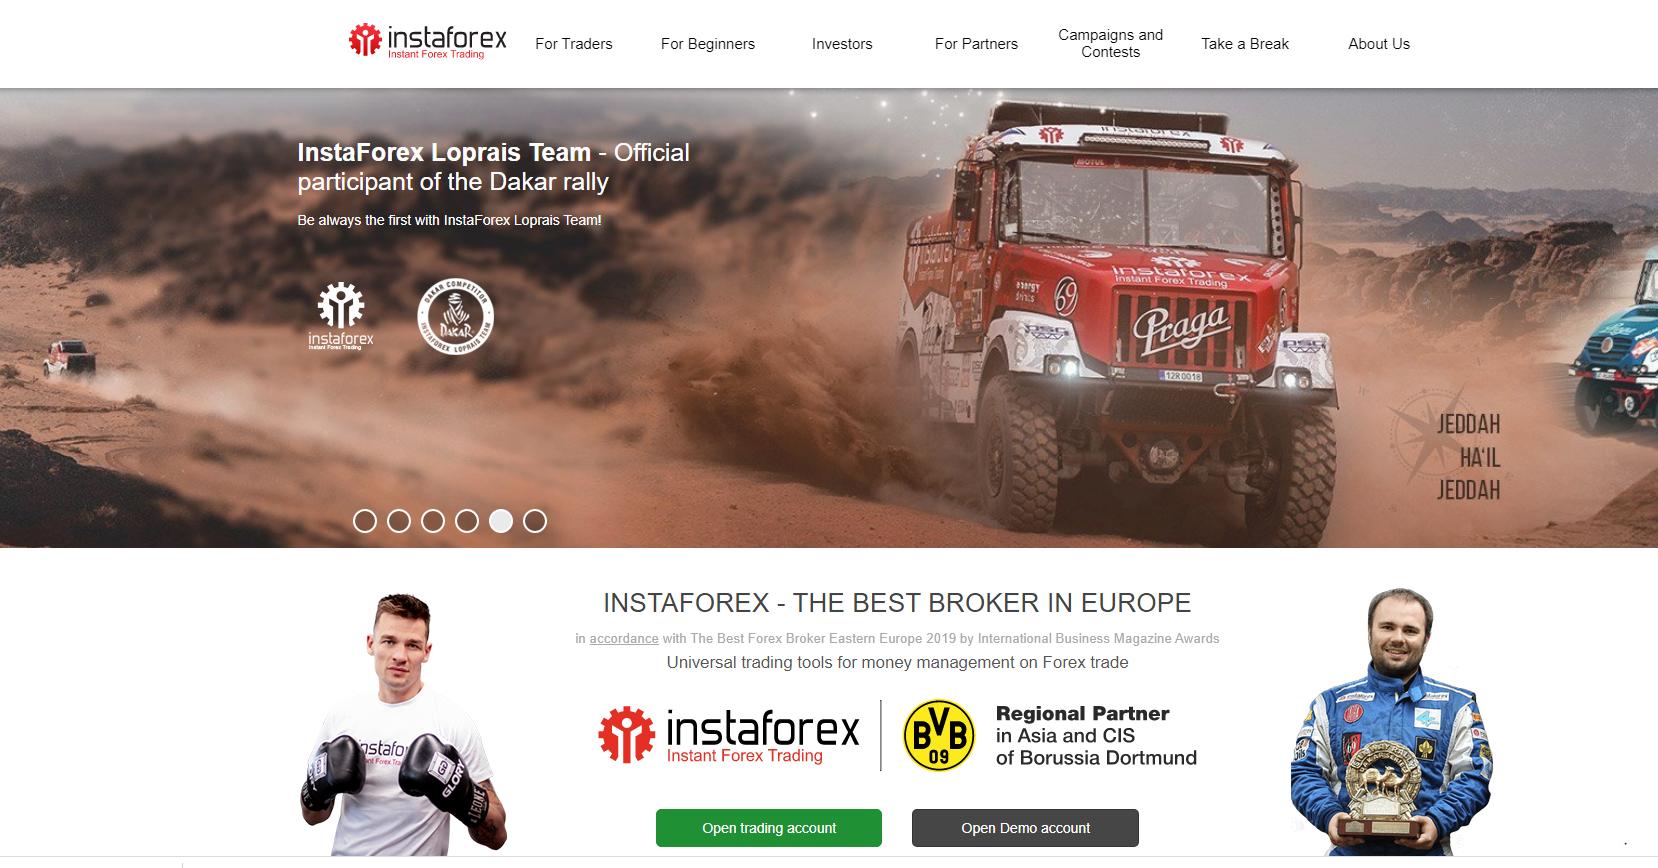 Insta forex website